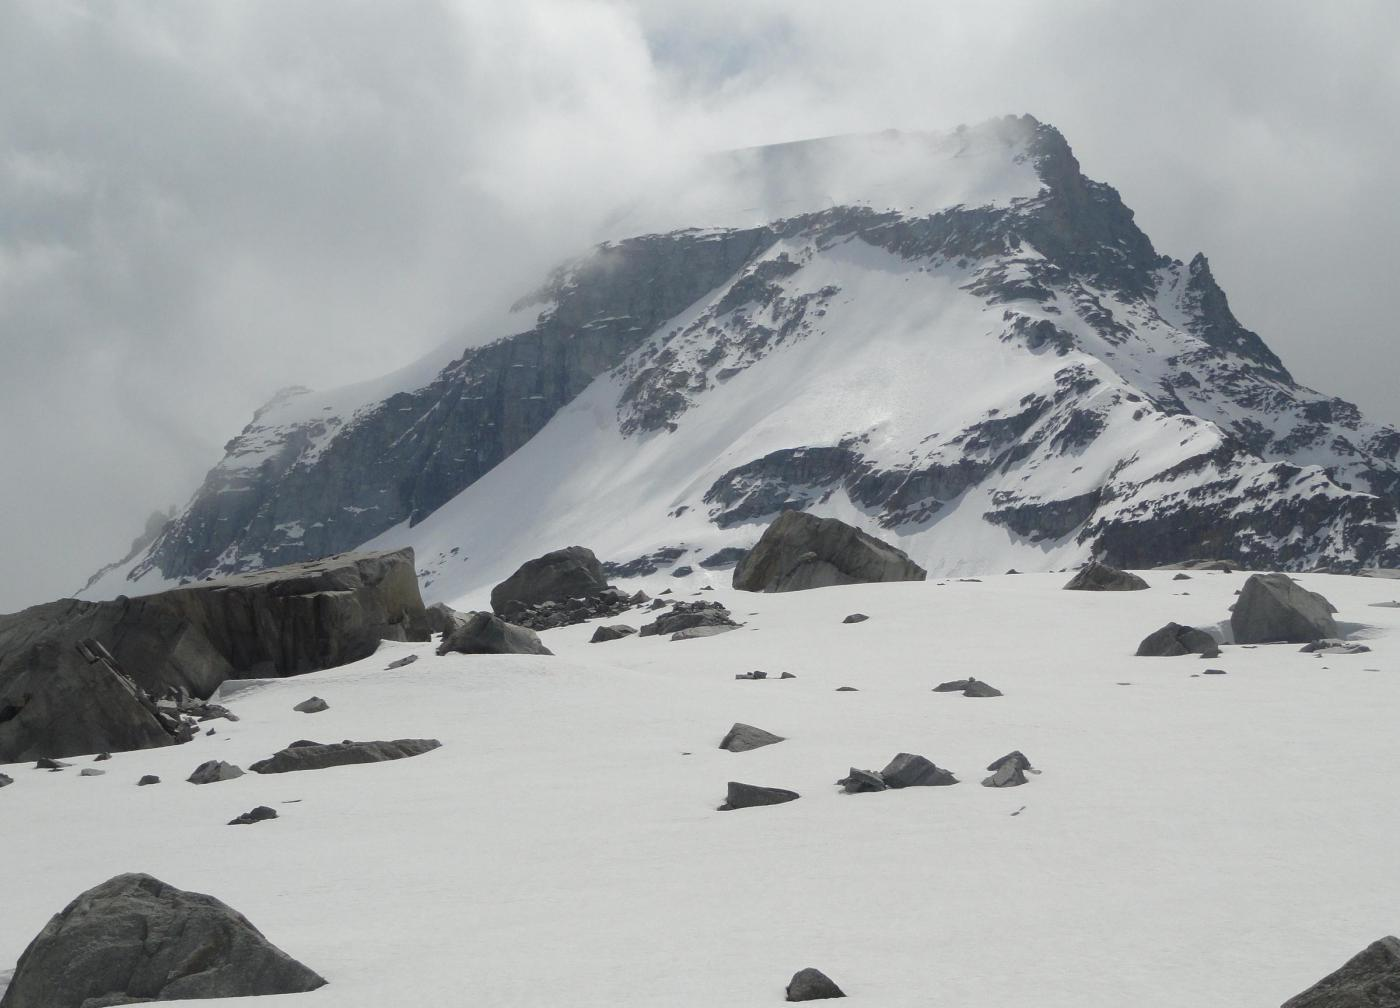 la montagna...al ritorno